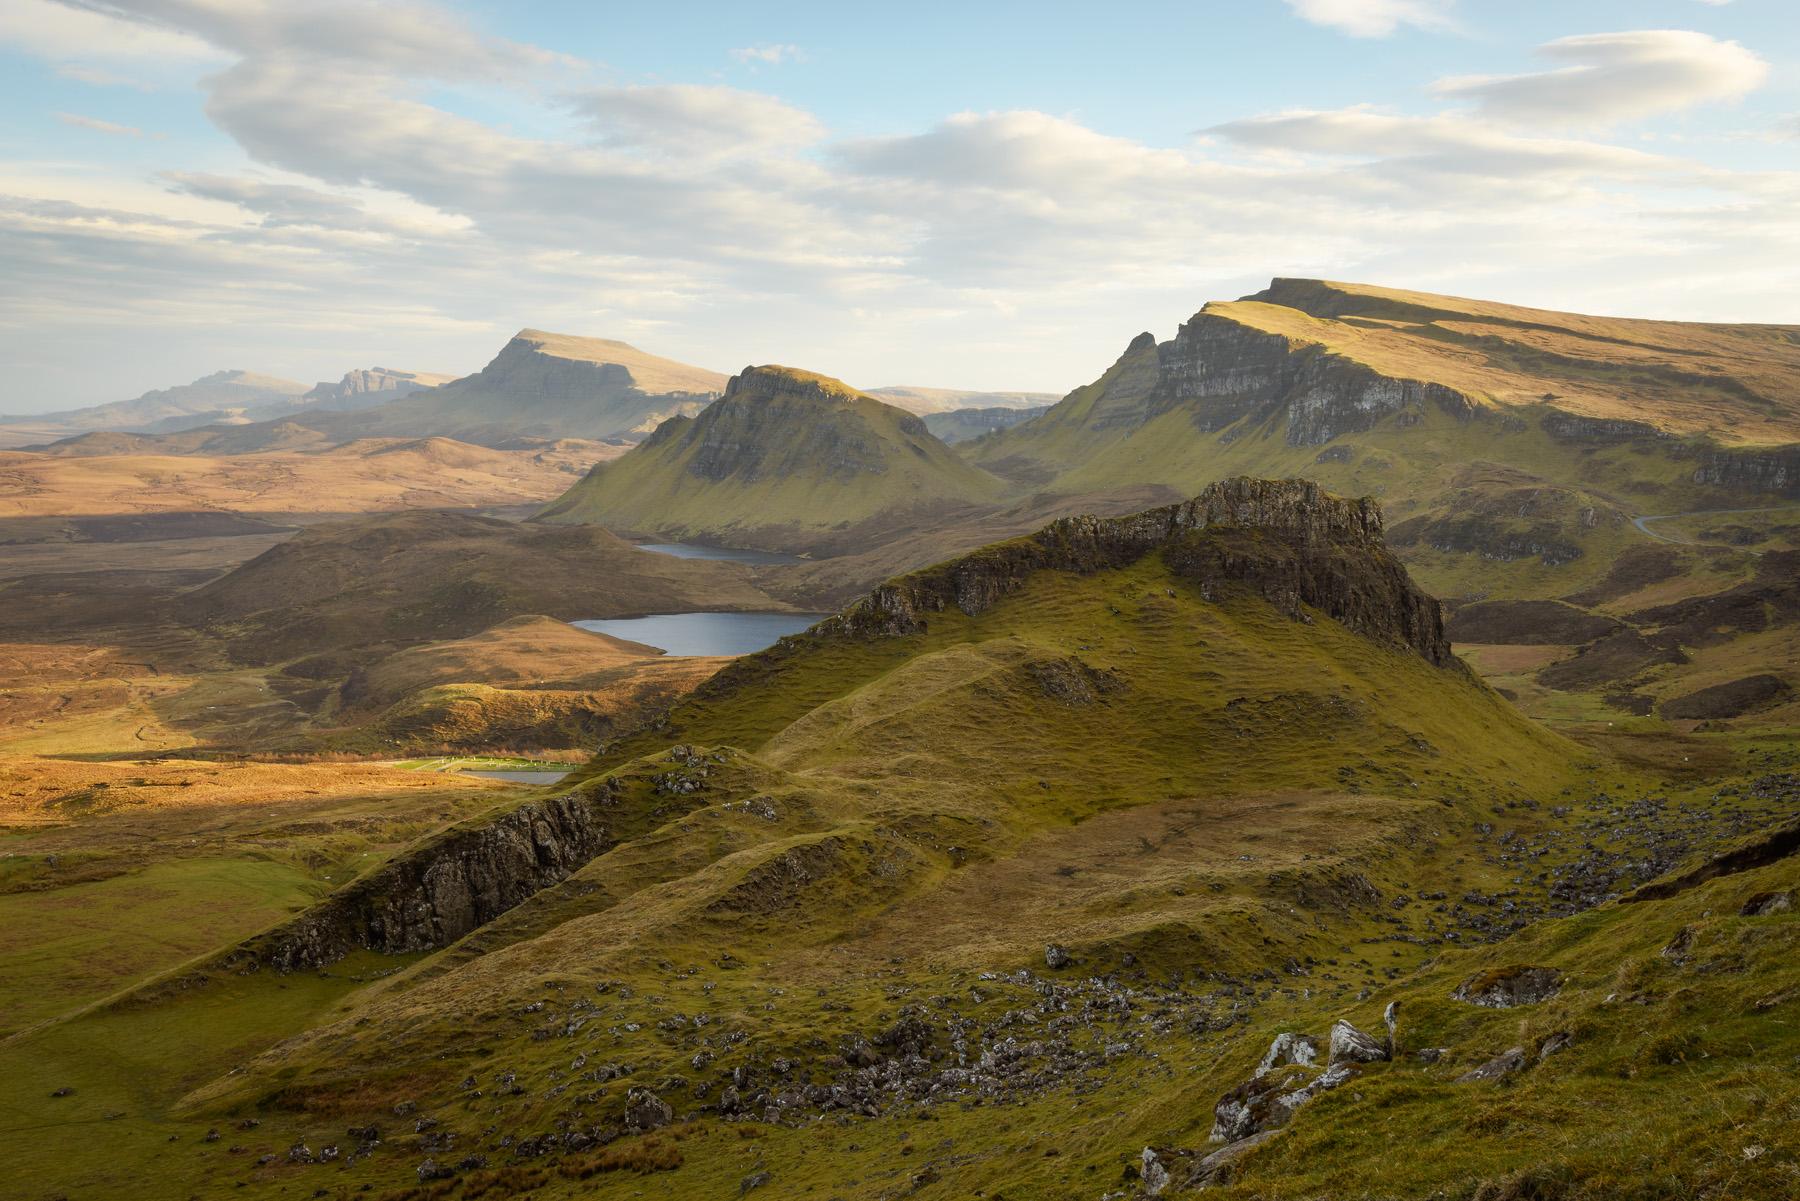 Weiches Abendlicht am Quiraing, Isle of Skye Fotoreise